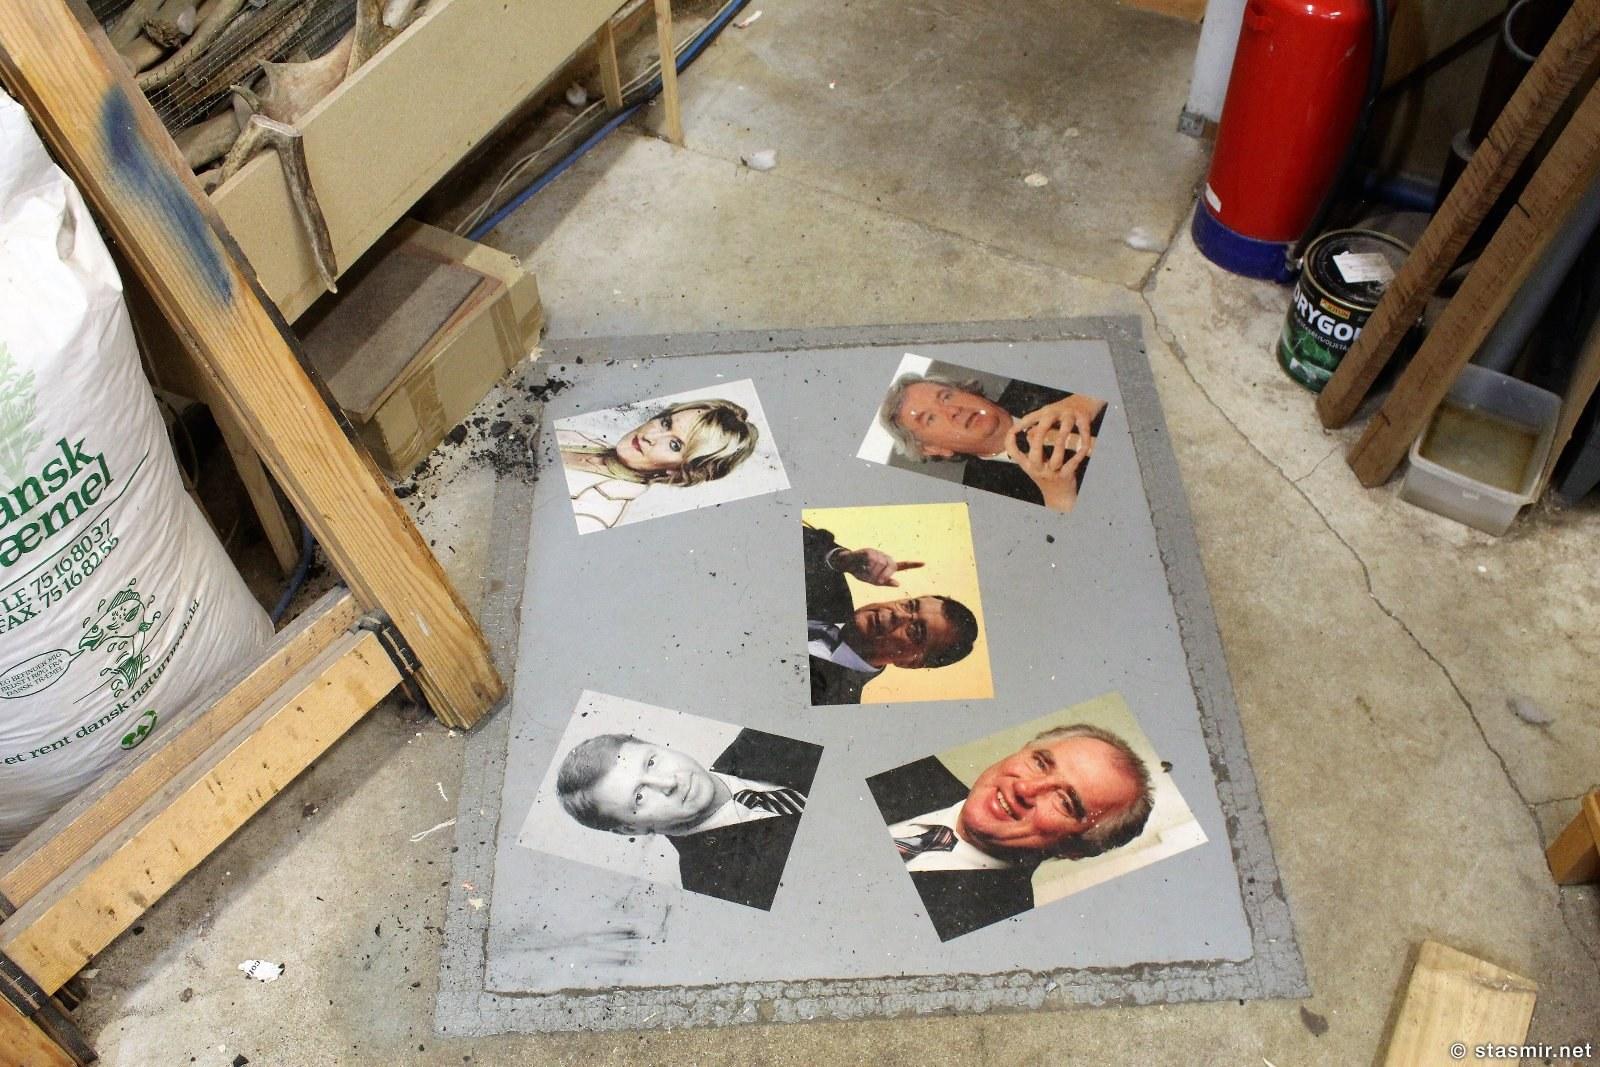 коврик с ликами политиков в галерее ножей Паутля Кристйаунссона в Мосфельсбаере, фото Стасмир, photo Stasmir